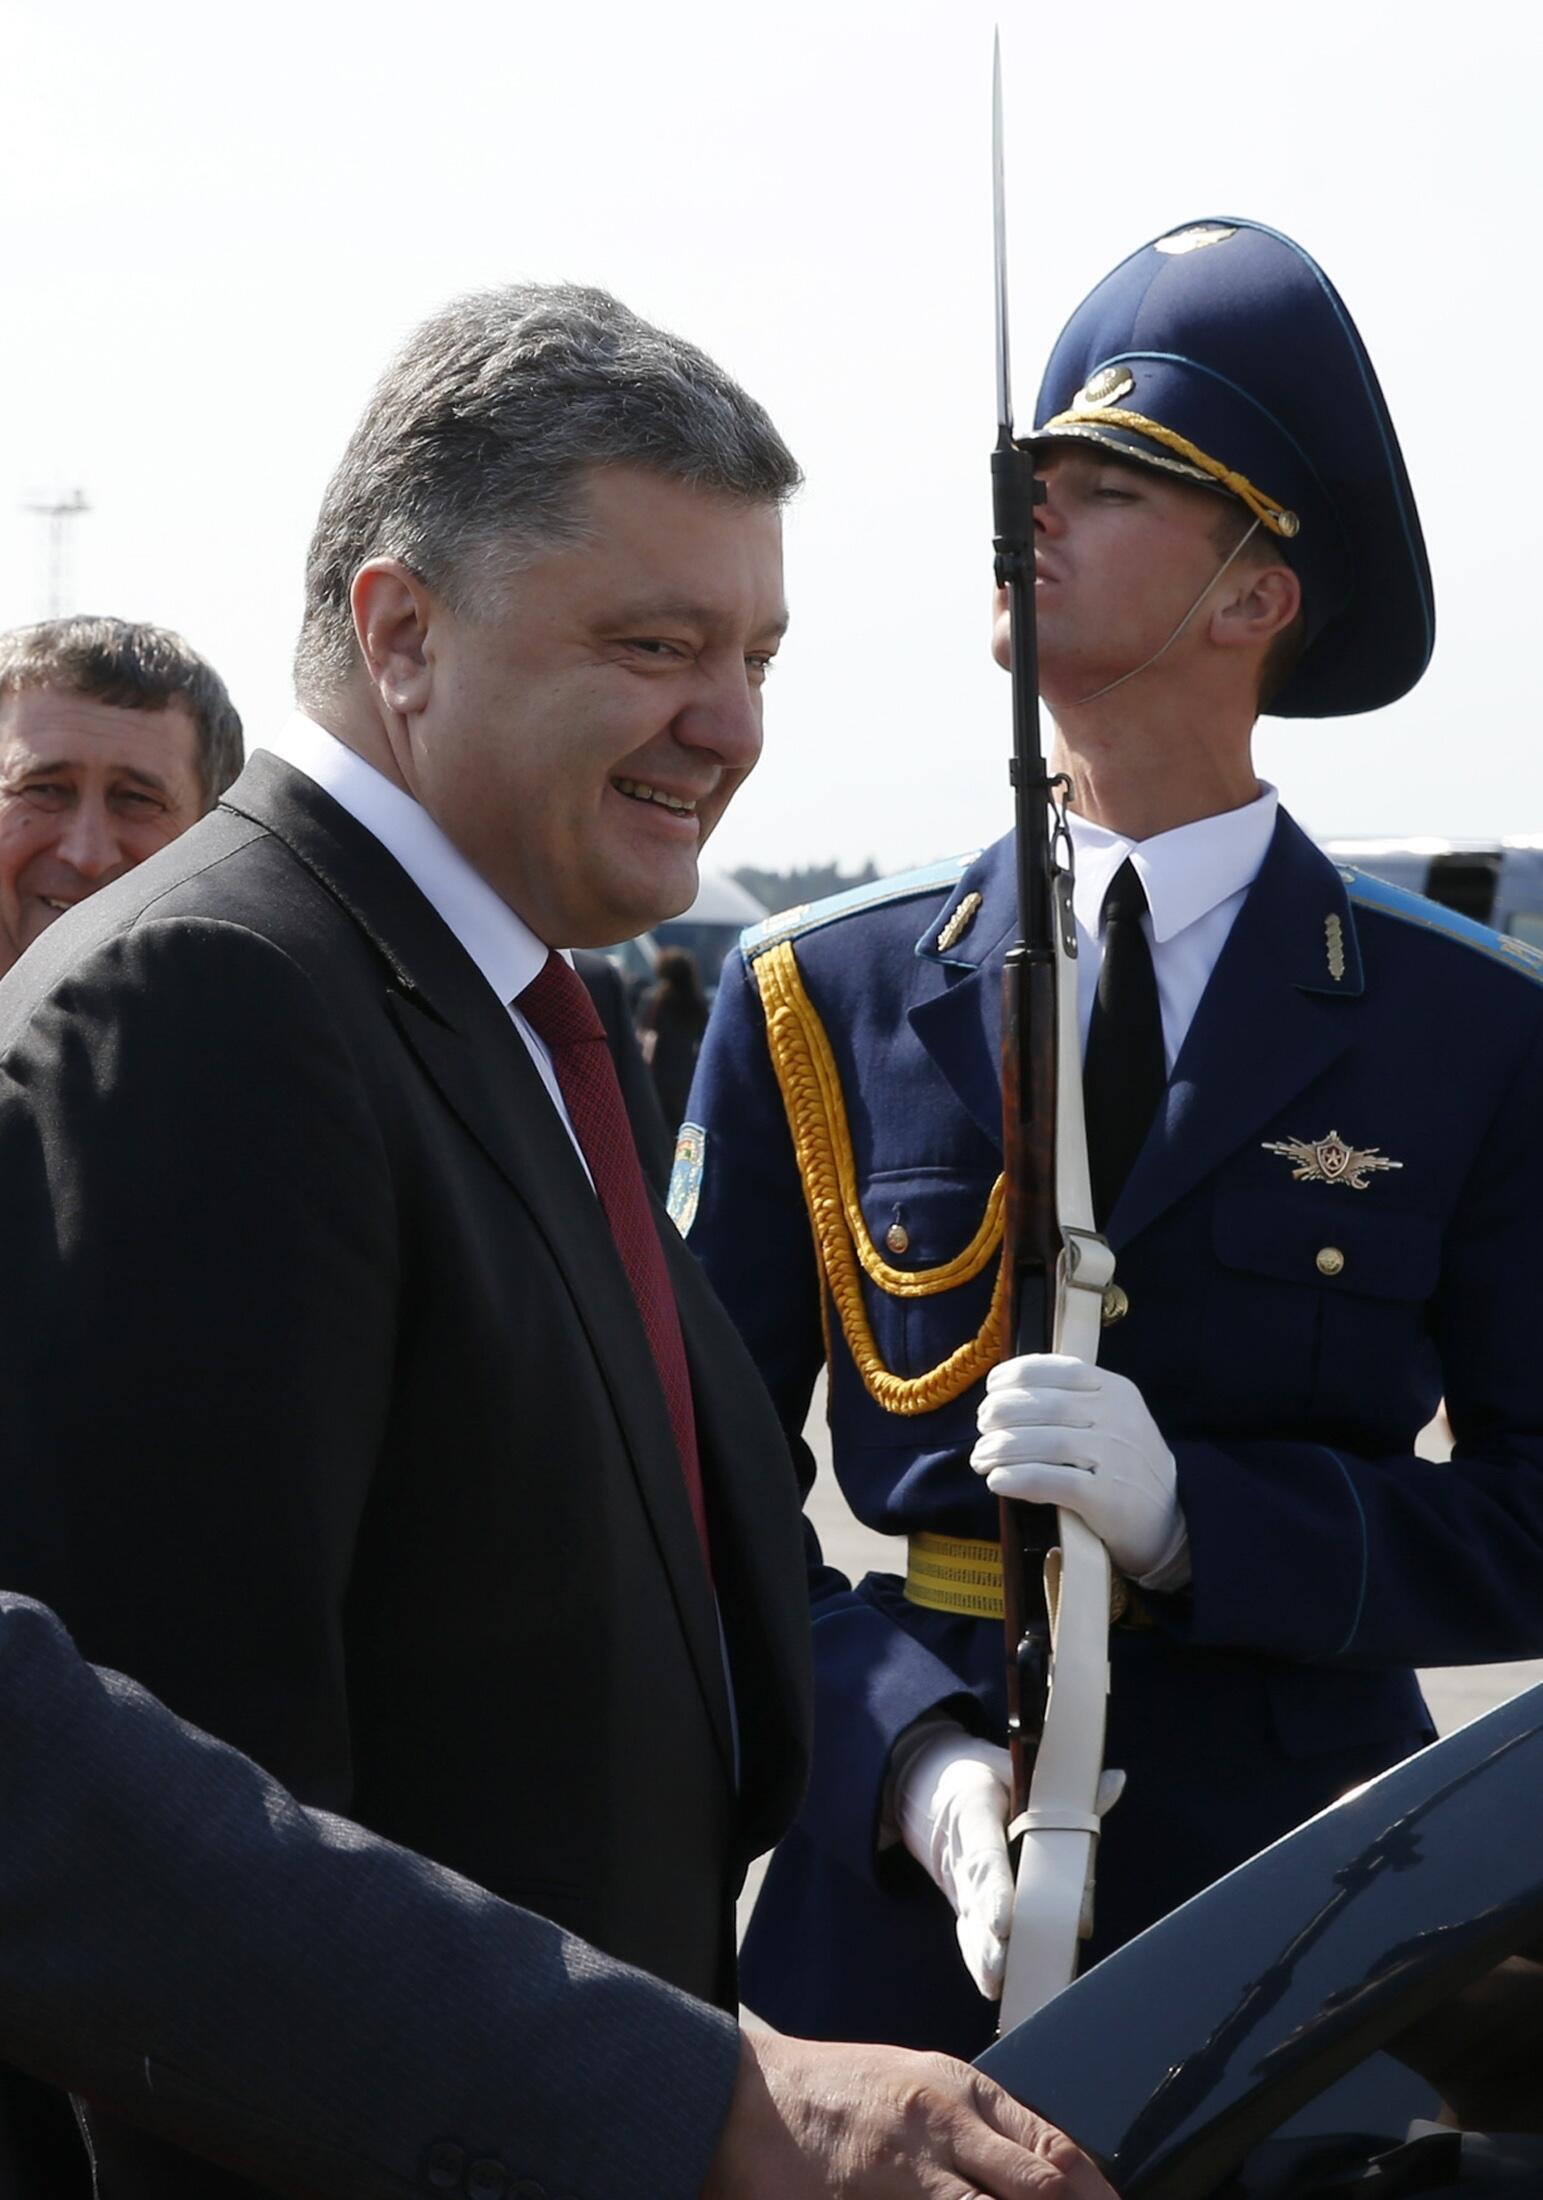 O presidente ucraniano, Petro Porochenko, chega a Minsk para uma cúpula regional nesta terça-feira, 26 de agosto.